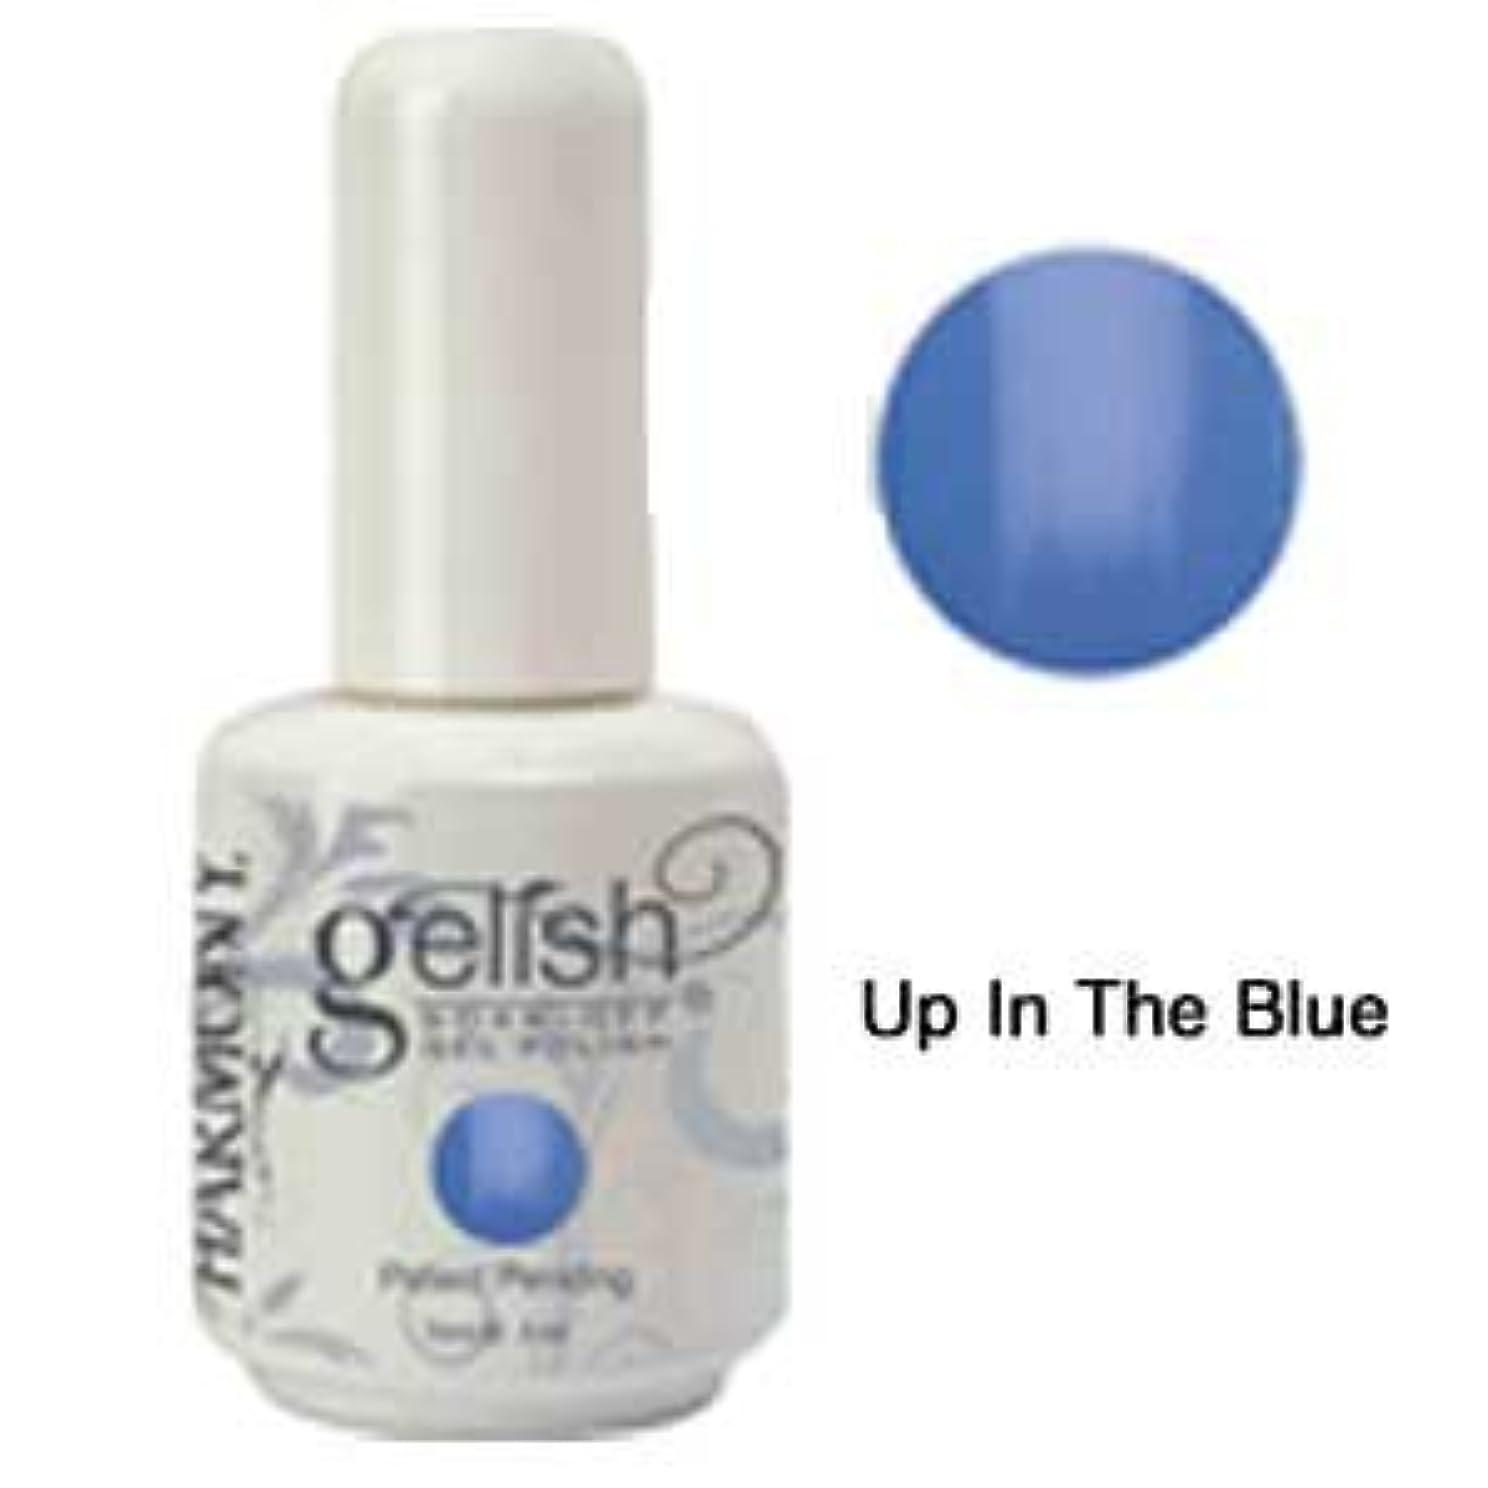 他に必要まばたきHarmony gelishソークオフジェル-Up In The Blue 15ml [海外直送品][並行輸入品]